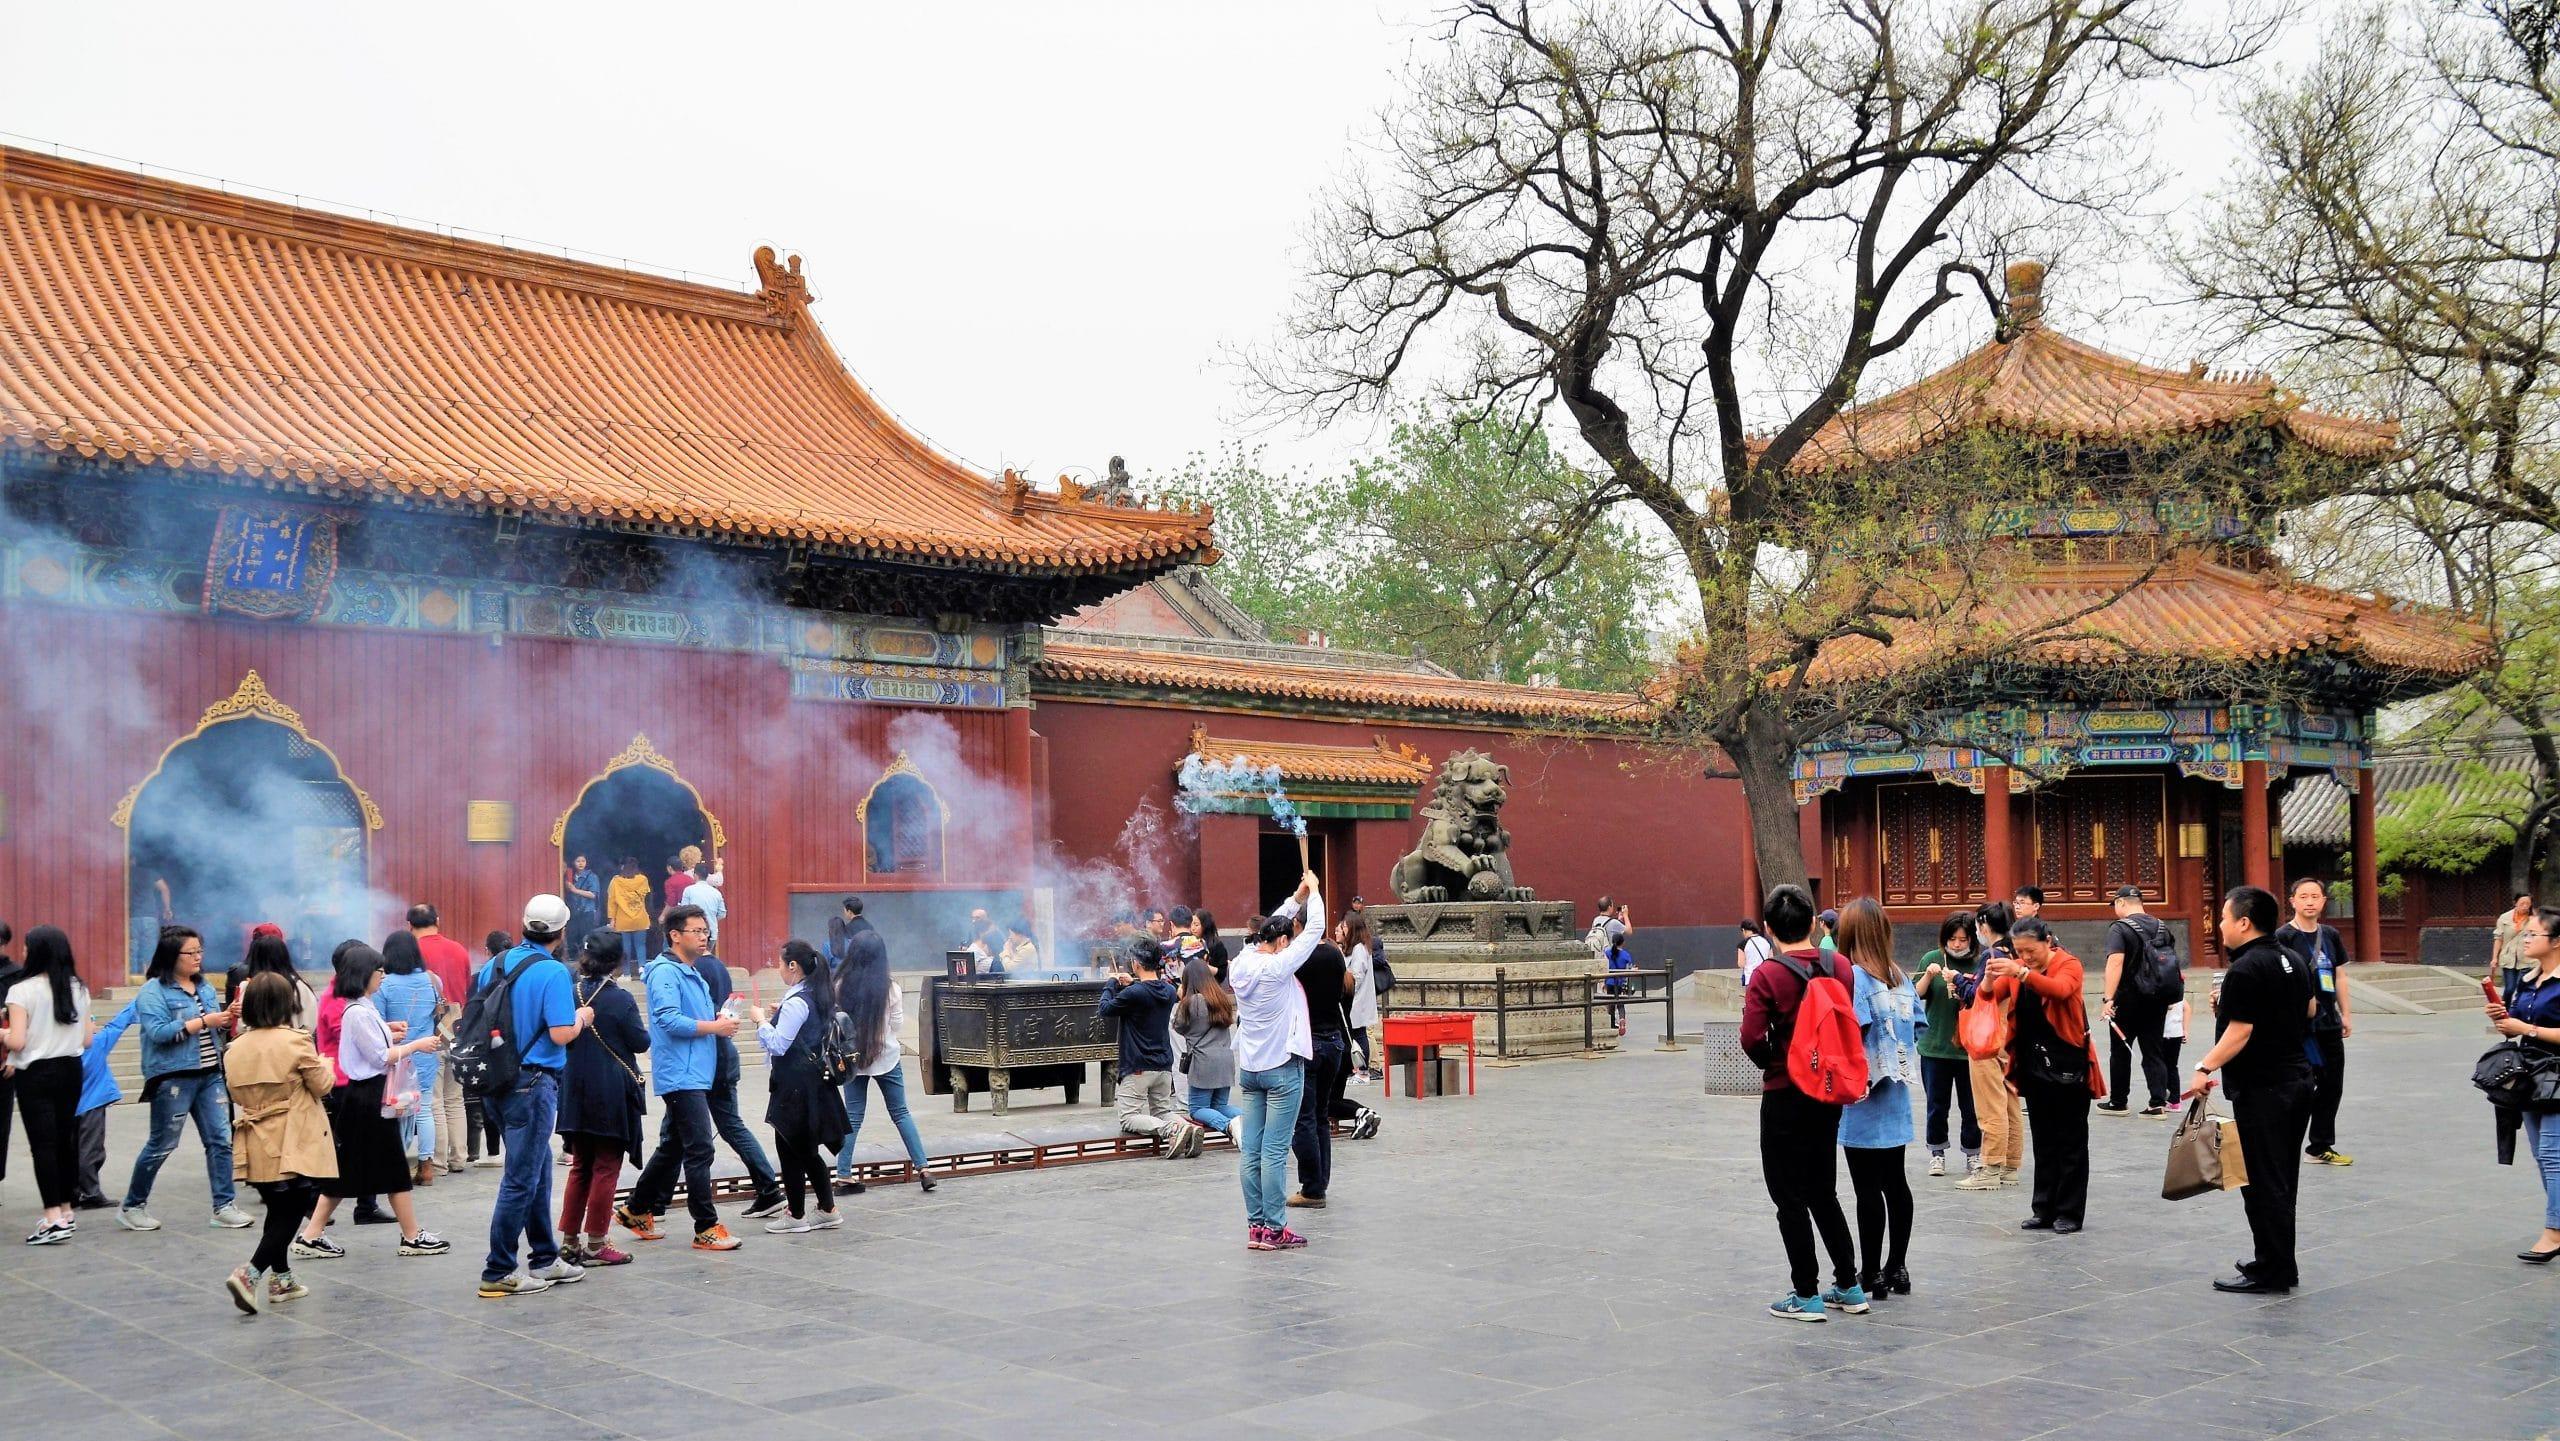 Lama Tempel